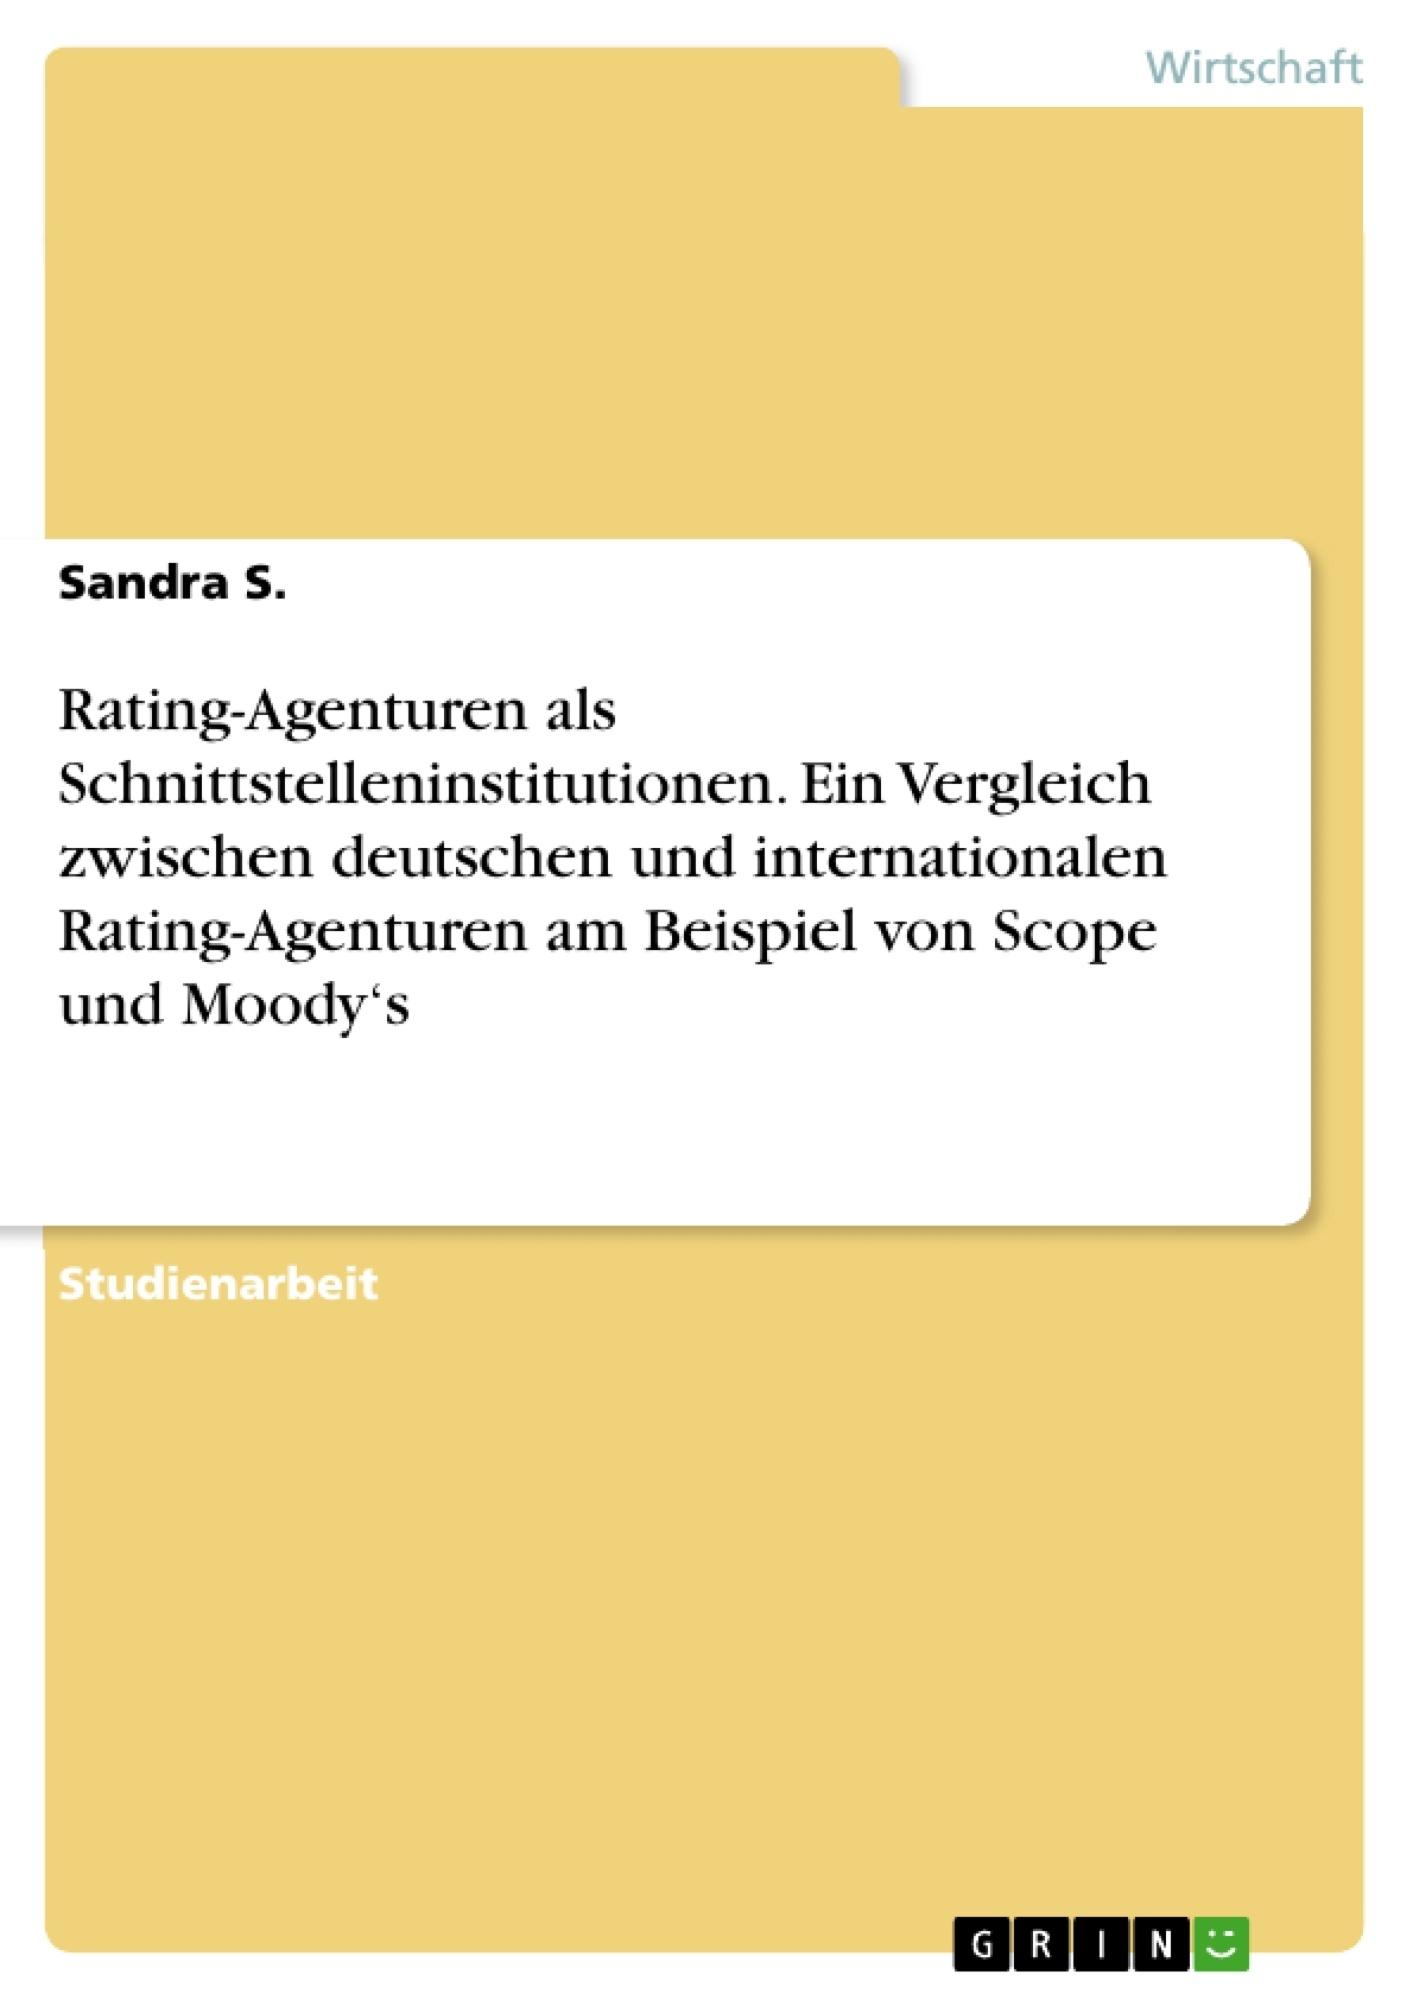 Titel: Rating-Agenturen als Schnittstelleninstitutionen. Ein Vergleich zwischen deutschen und internationalen Rating-Agenturen am Beispiel von Scope und Moody's